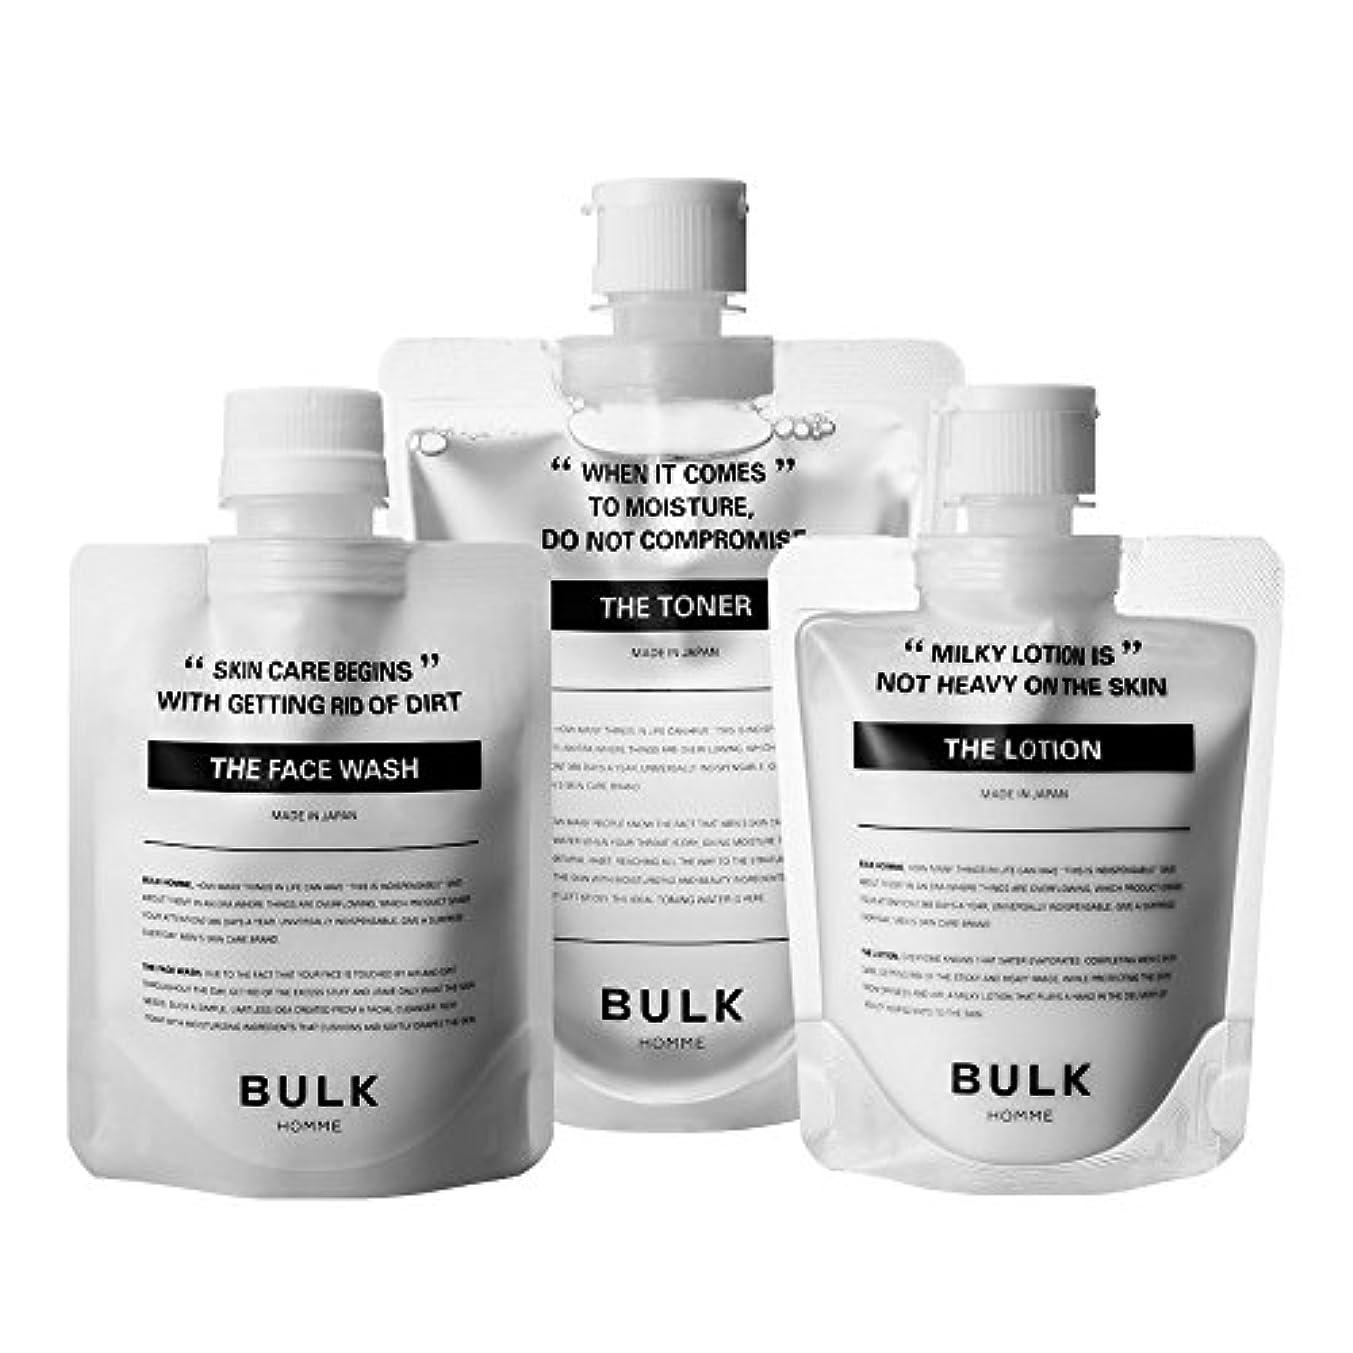 フェミニンスキム批判的バルクオム フェイスケアセット(メンズスキンケア) 洗顔&化粧水&乳液